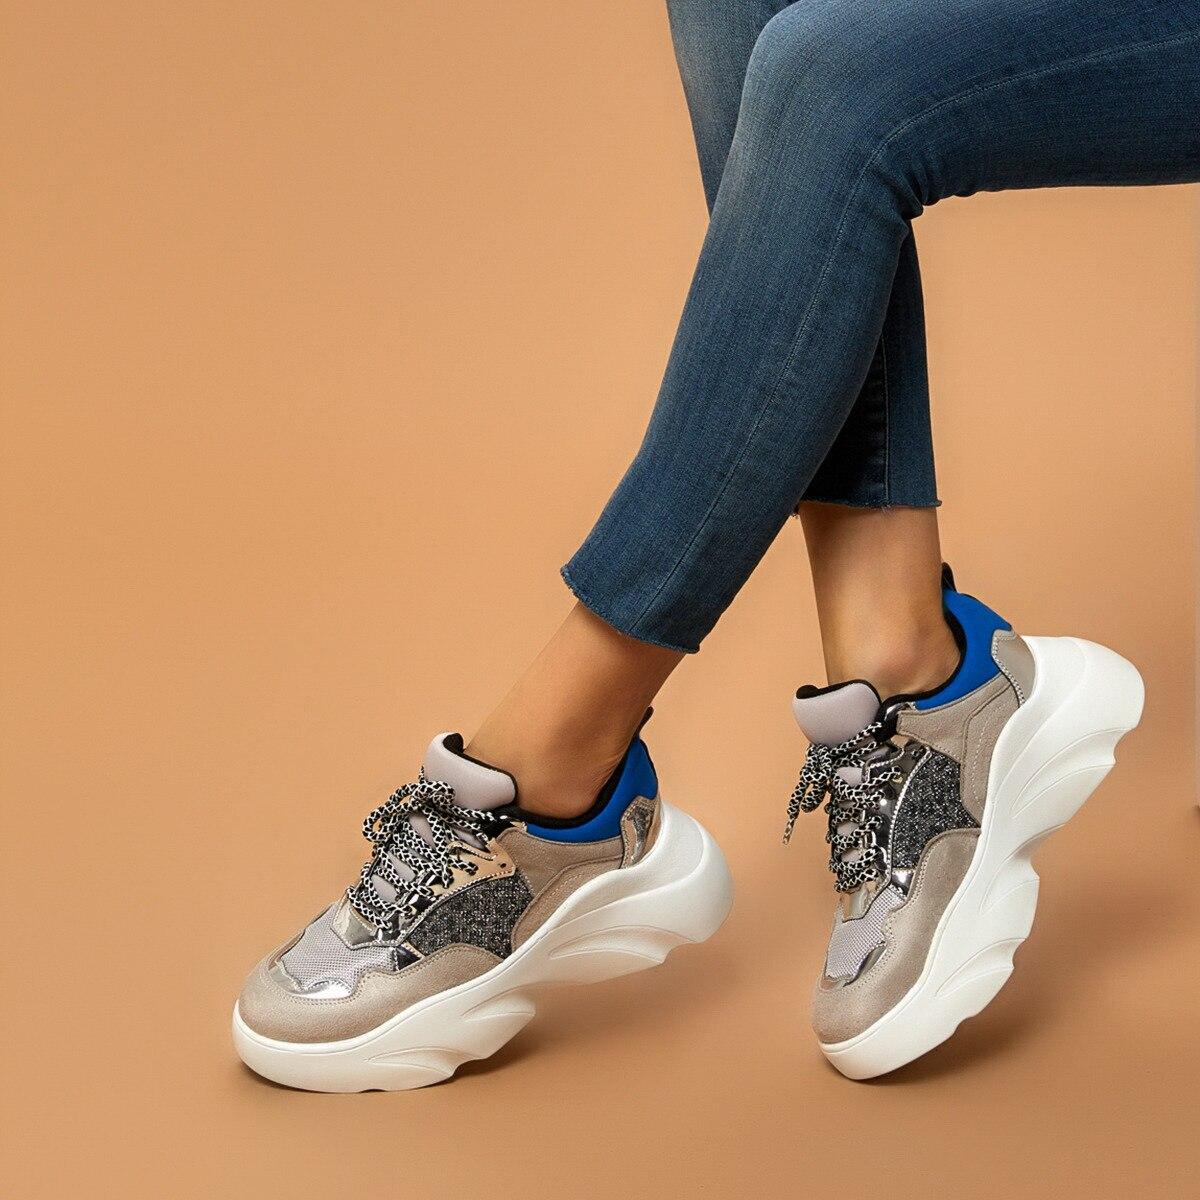 FLO 19SF-2054 Gray Women 'S Sneaker Shoes BUTIGO